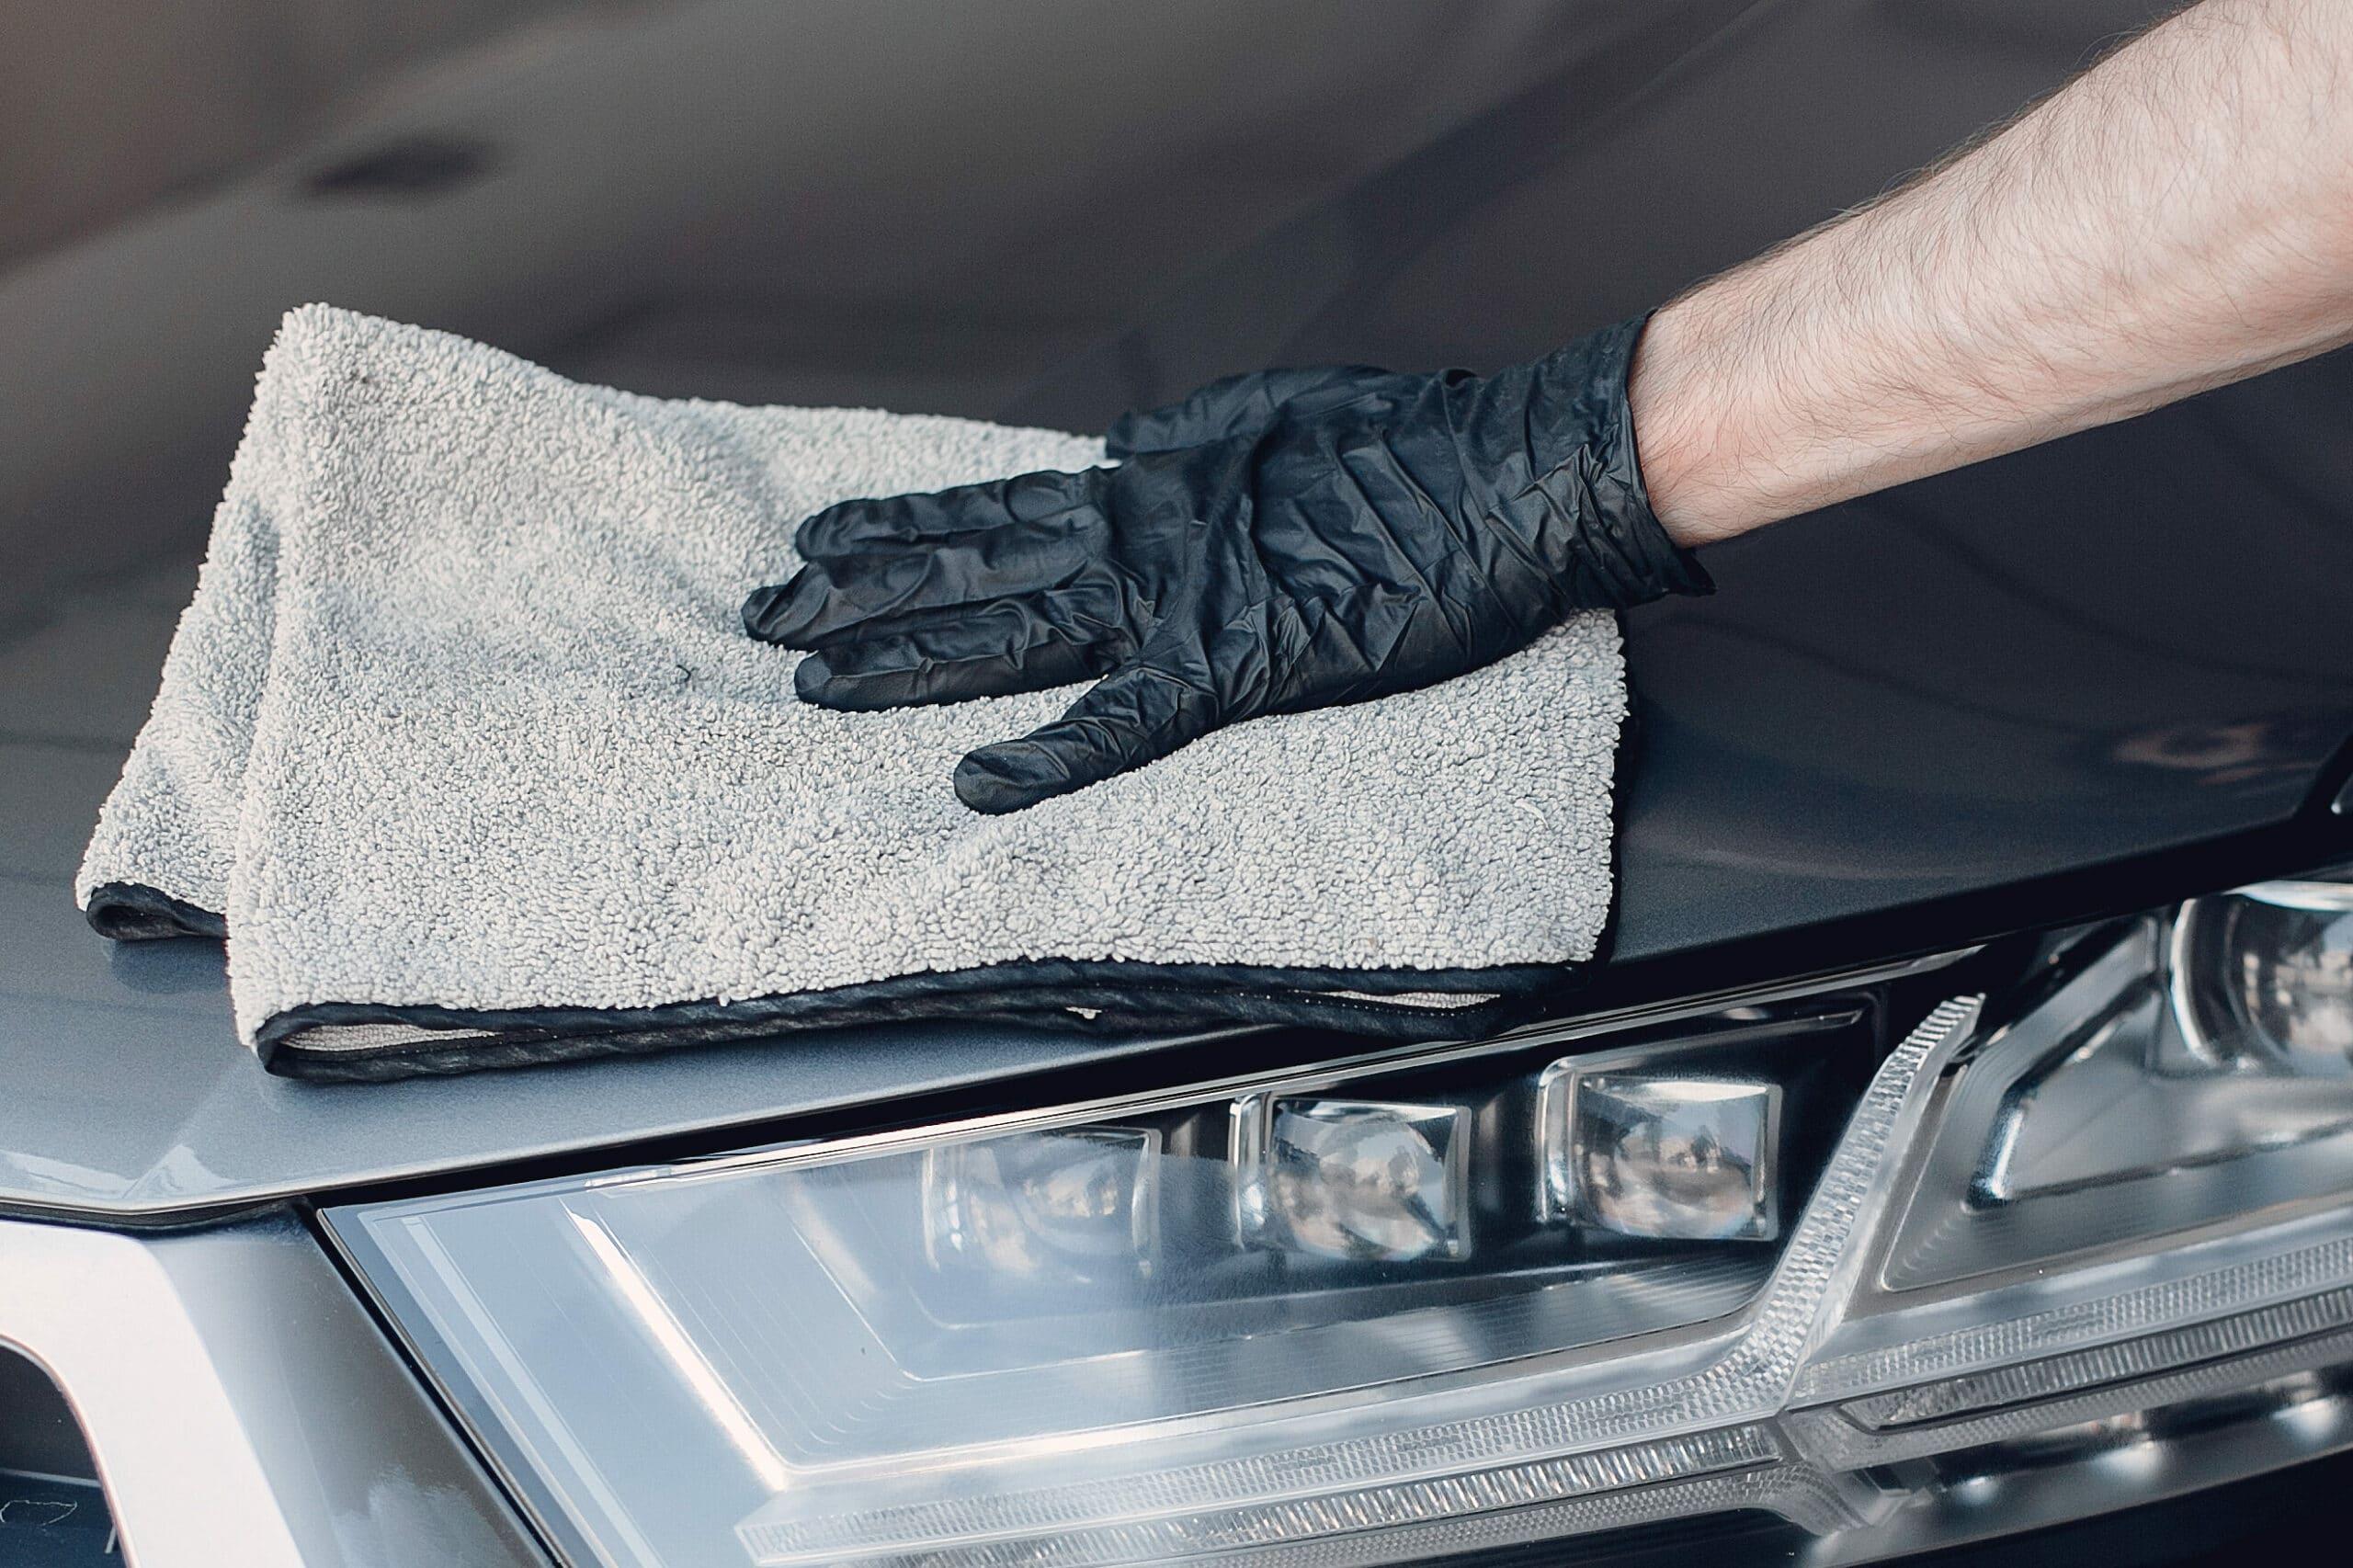 Pessoa com uma luva preta, segurando um pano cinza de microfibra enquanto faz a limpeza da lataria de um veículo. Logo embaixo é possível notar o farol esquerdo do carro. Imagem ilustrativa para o texto lava jato no Parque Bela Vista.